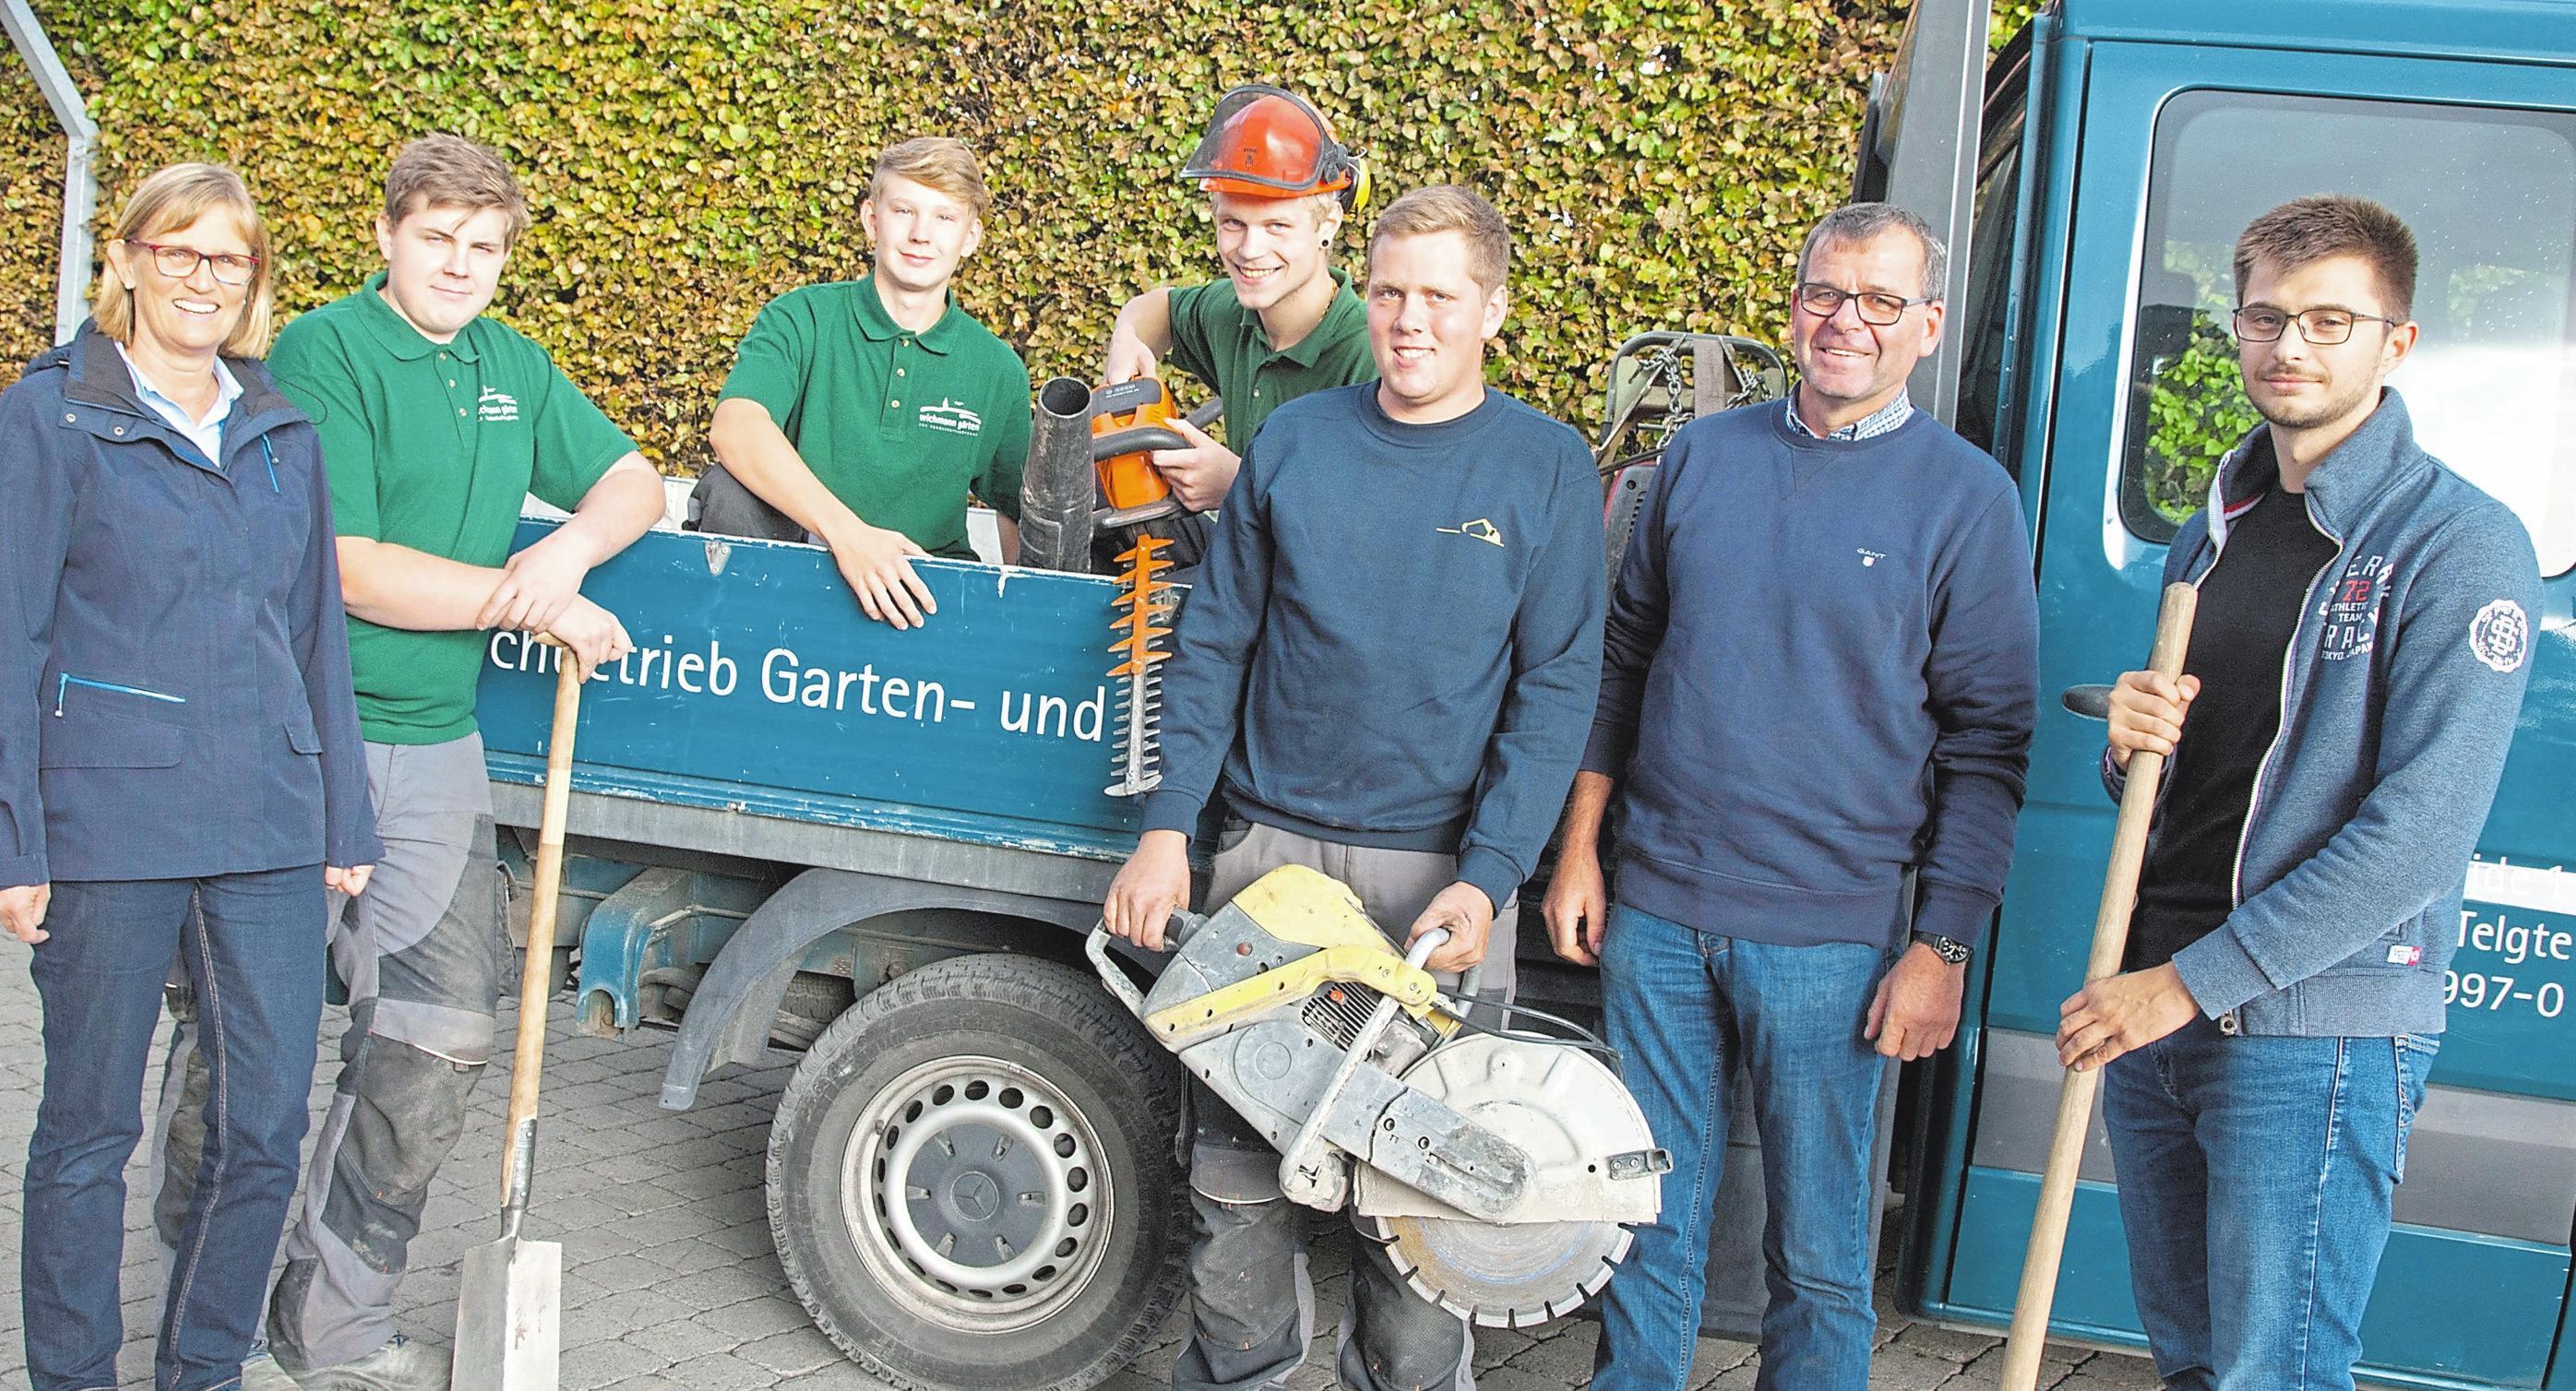 Das Team von Wichmann-Gärten kümmert sich um private und gewerbliche Grünanlagen und Gärten. Foto: Pohlkamp